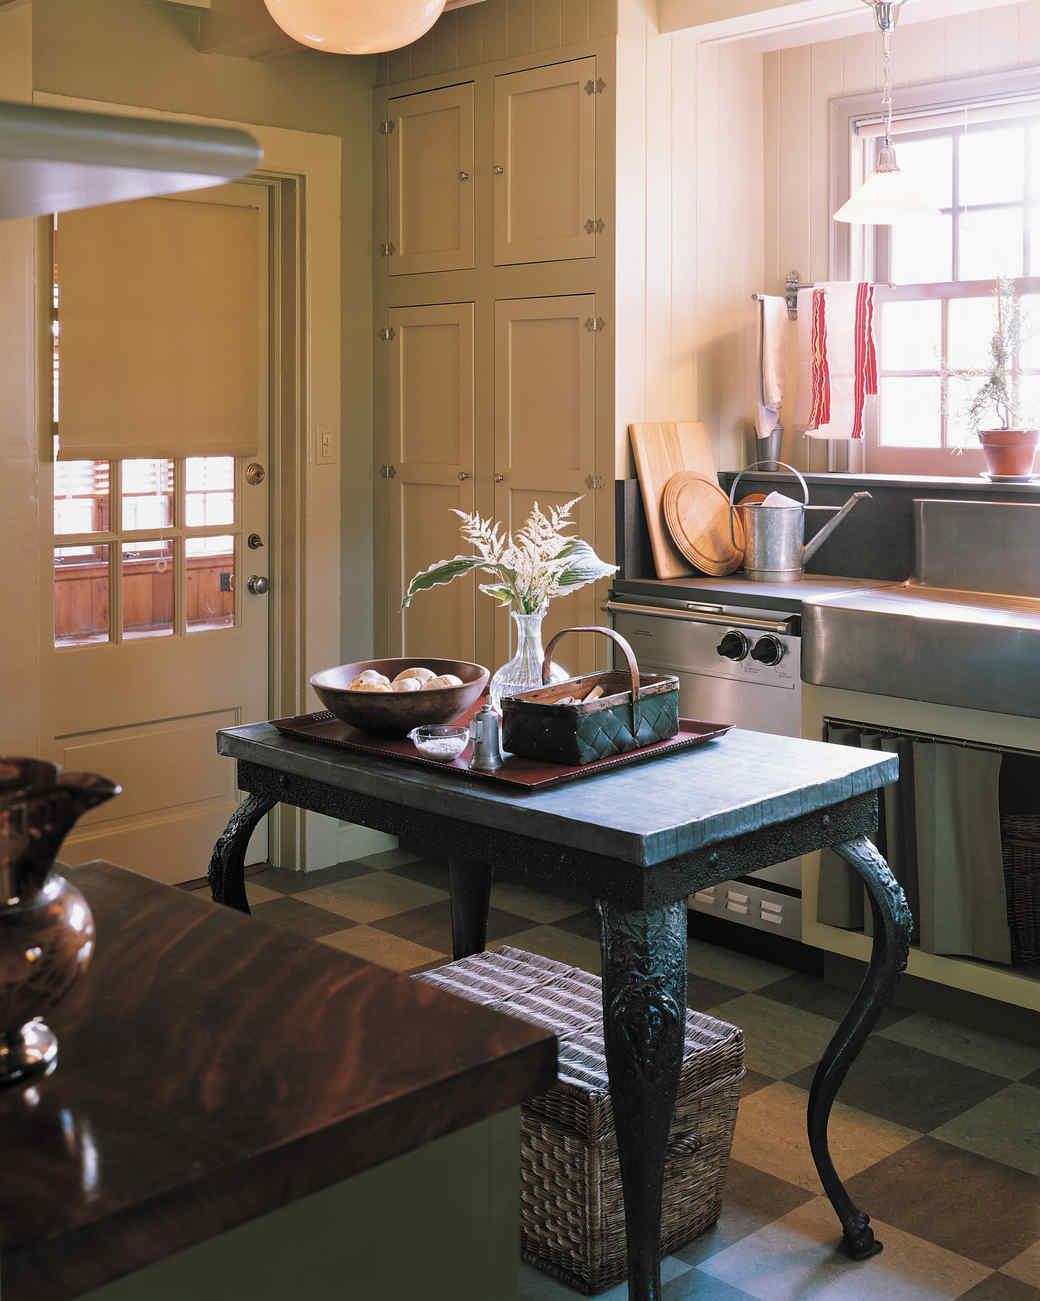 kitchen-redefined-08-d99500-0915.jpg